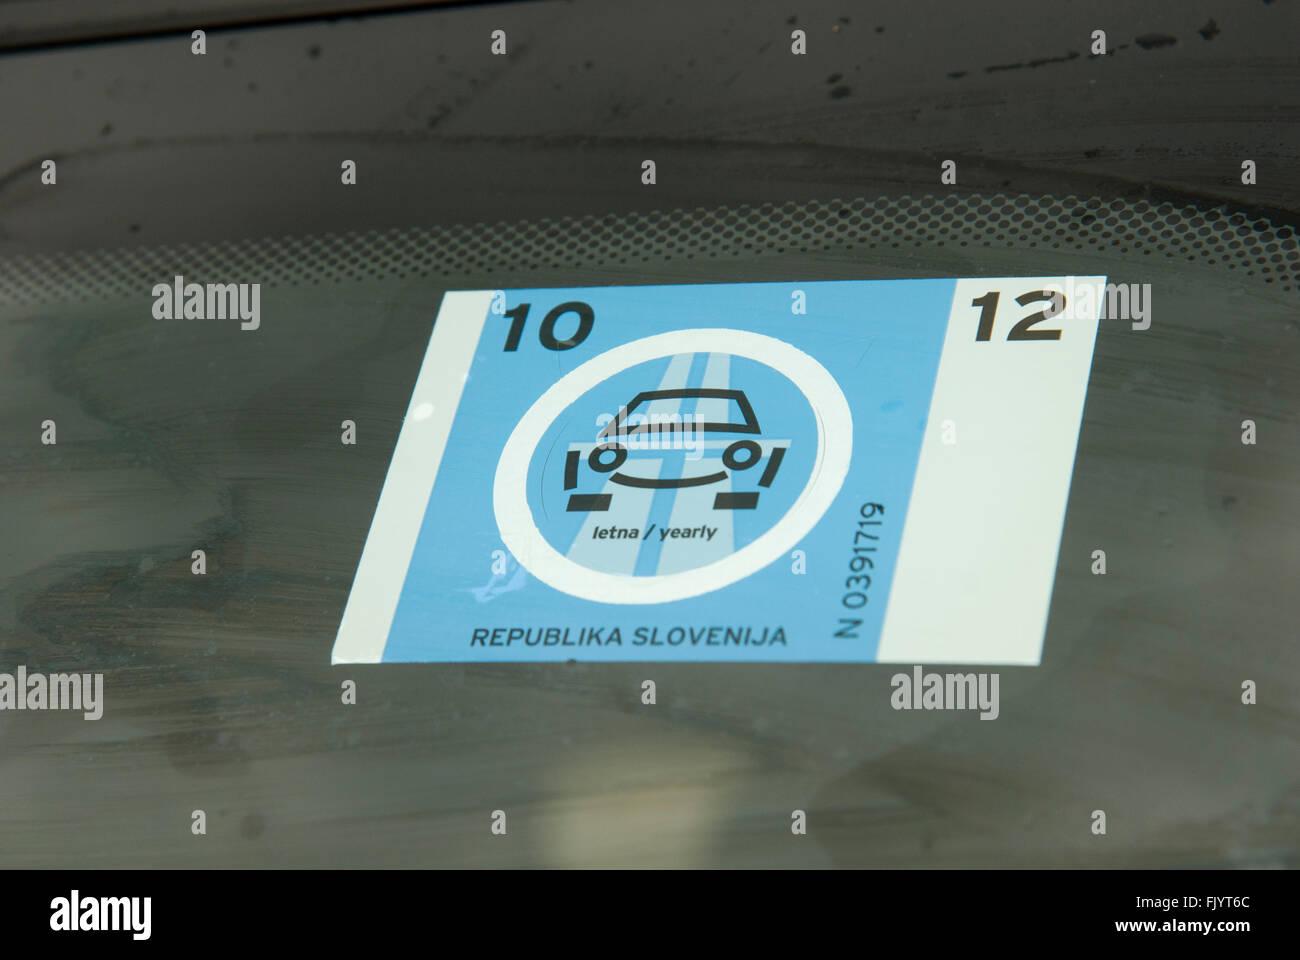 Slowenien Vignette - die Autos freie Fahrt auf Autobahn System ermöglicht Stockbild